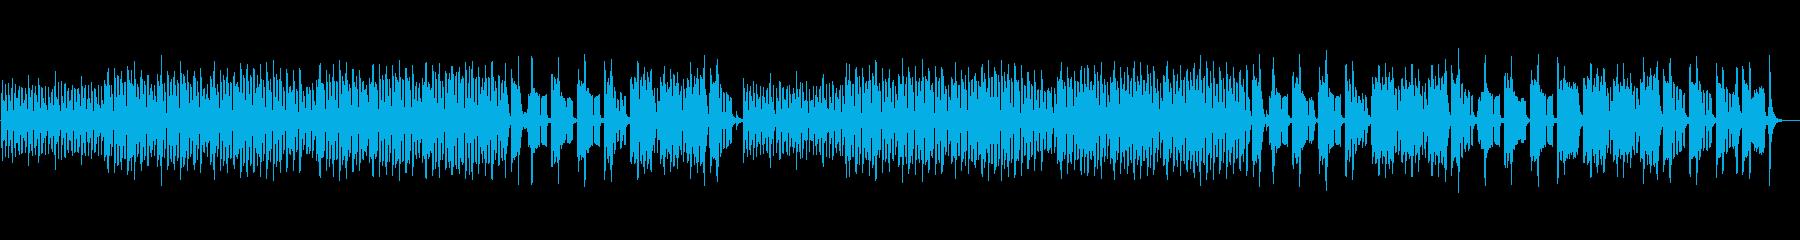 アップテンポでかわいいドタバタした曲ですの再生済みの波形